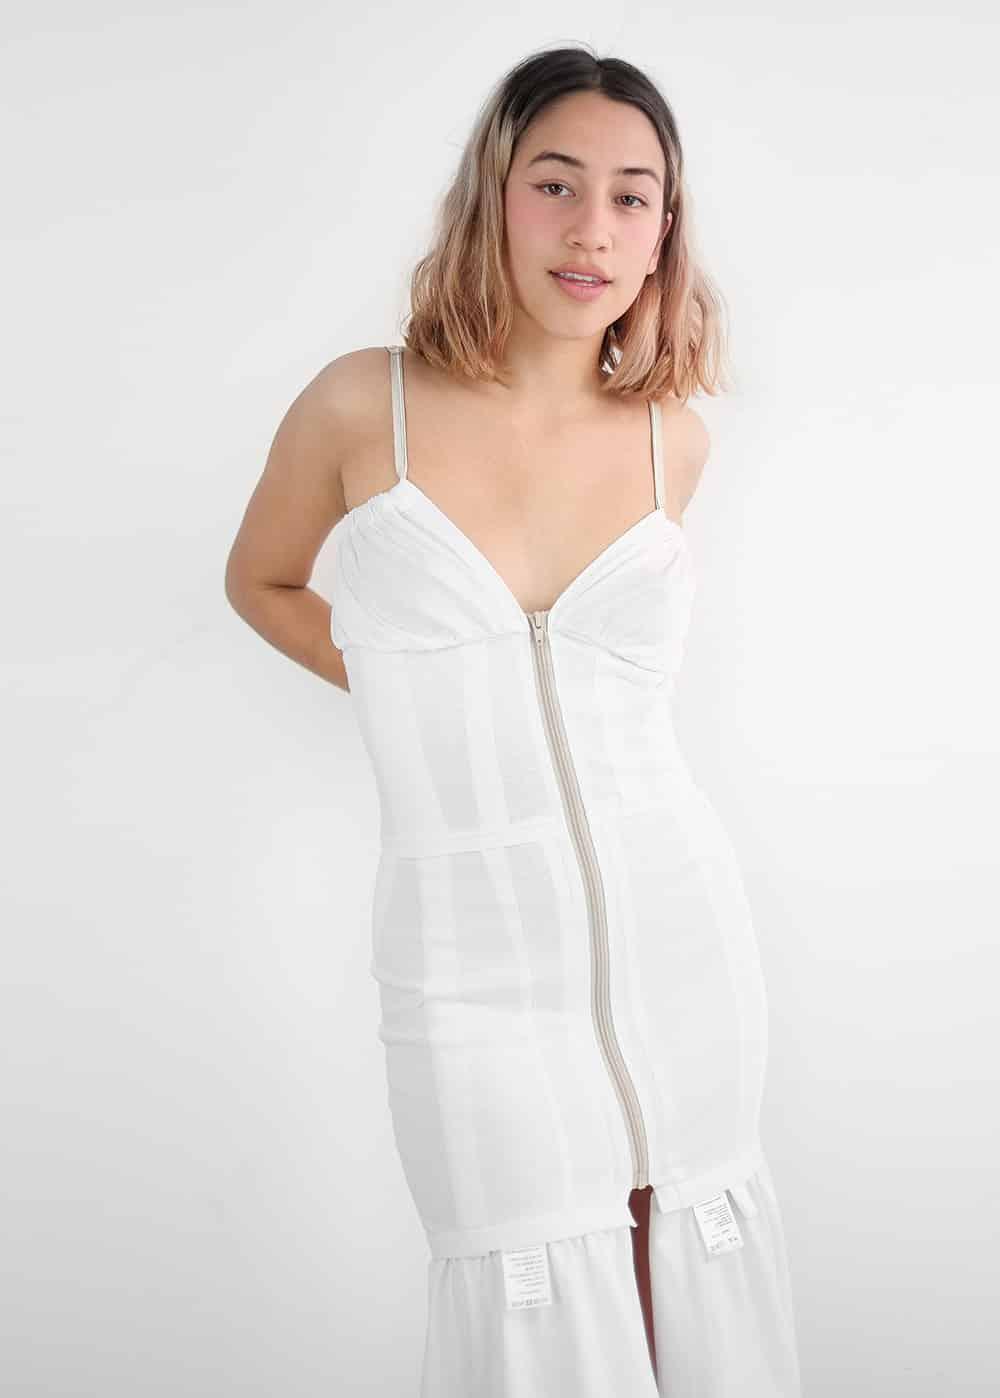 T-Shirt Dress 102